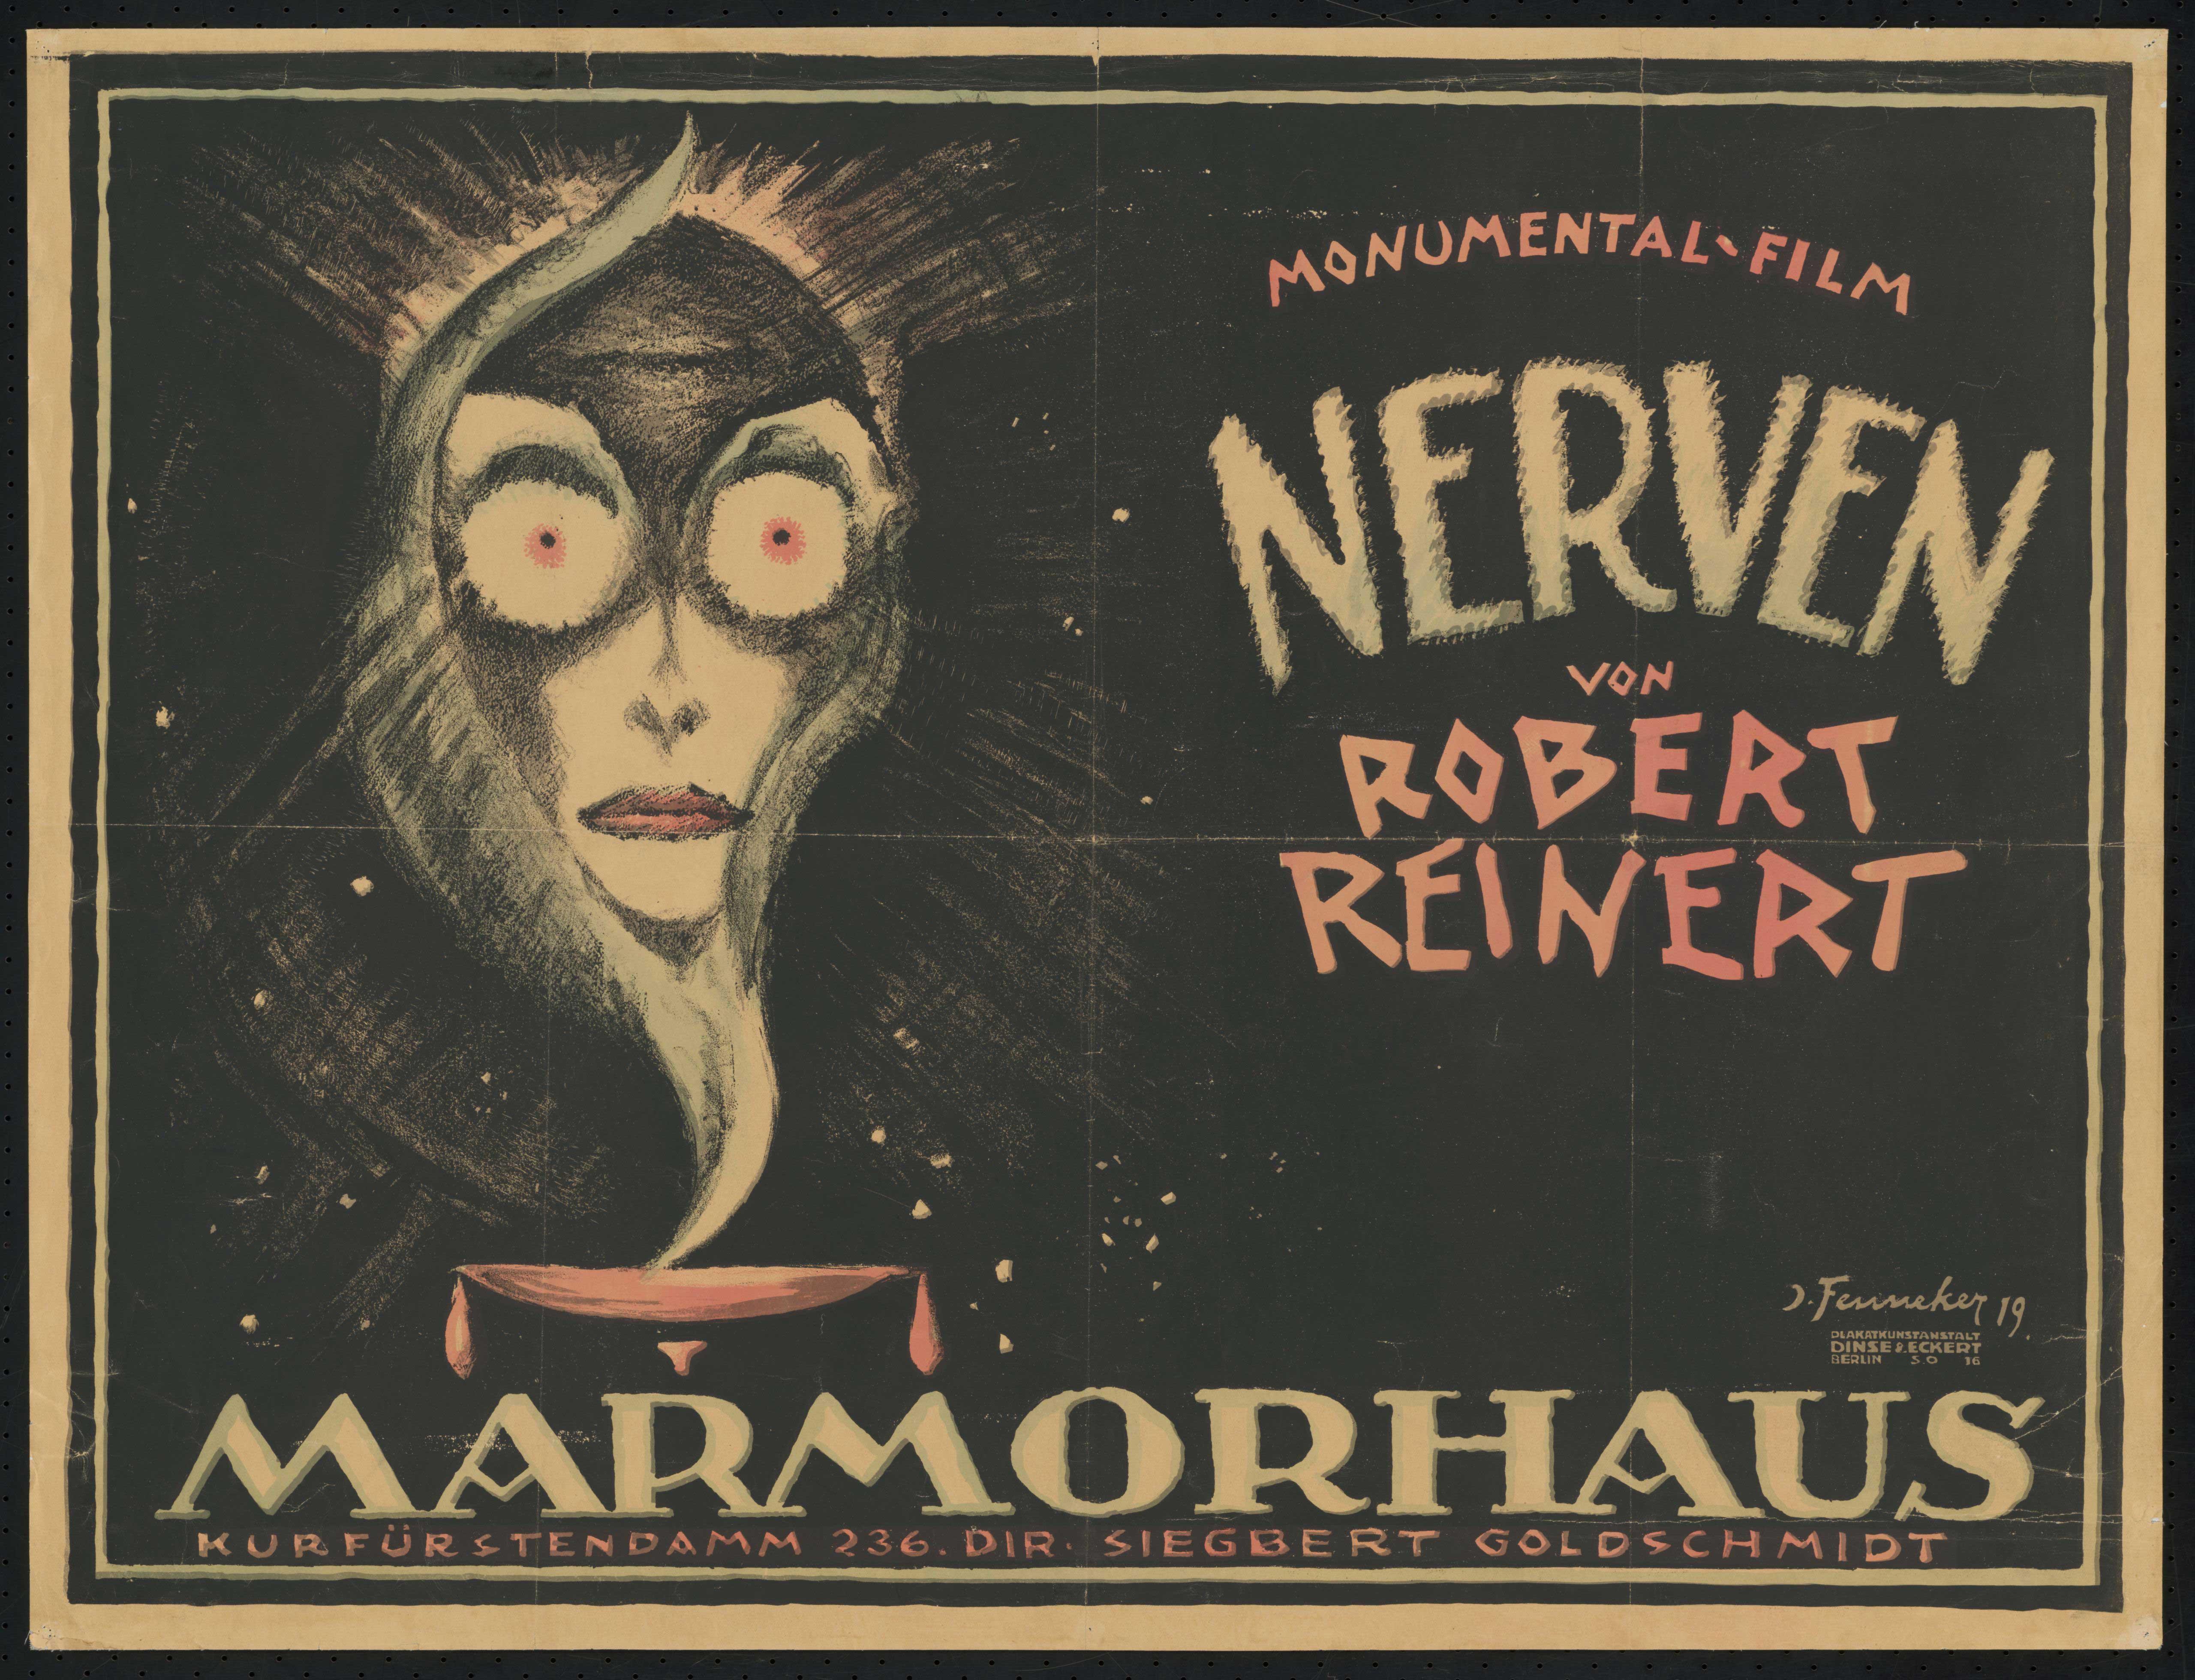 Plakat zu dem Film Nerven, Deutschland 1919, Regie: Robert Reinert, von Plakatkünstler Josef Fenneker